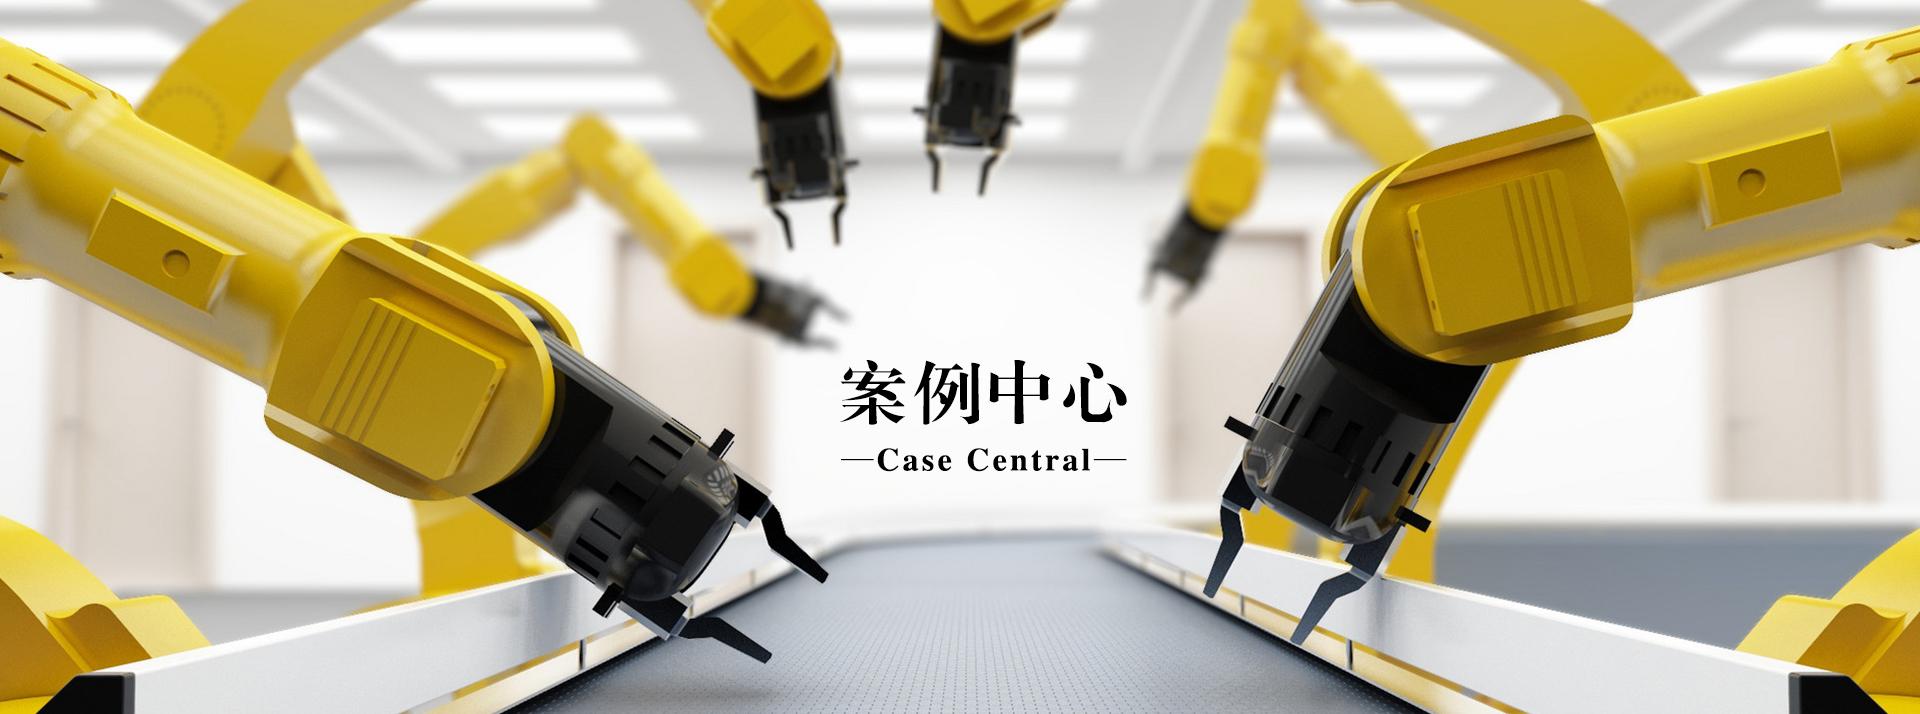 台州工业智能机械手